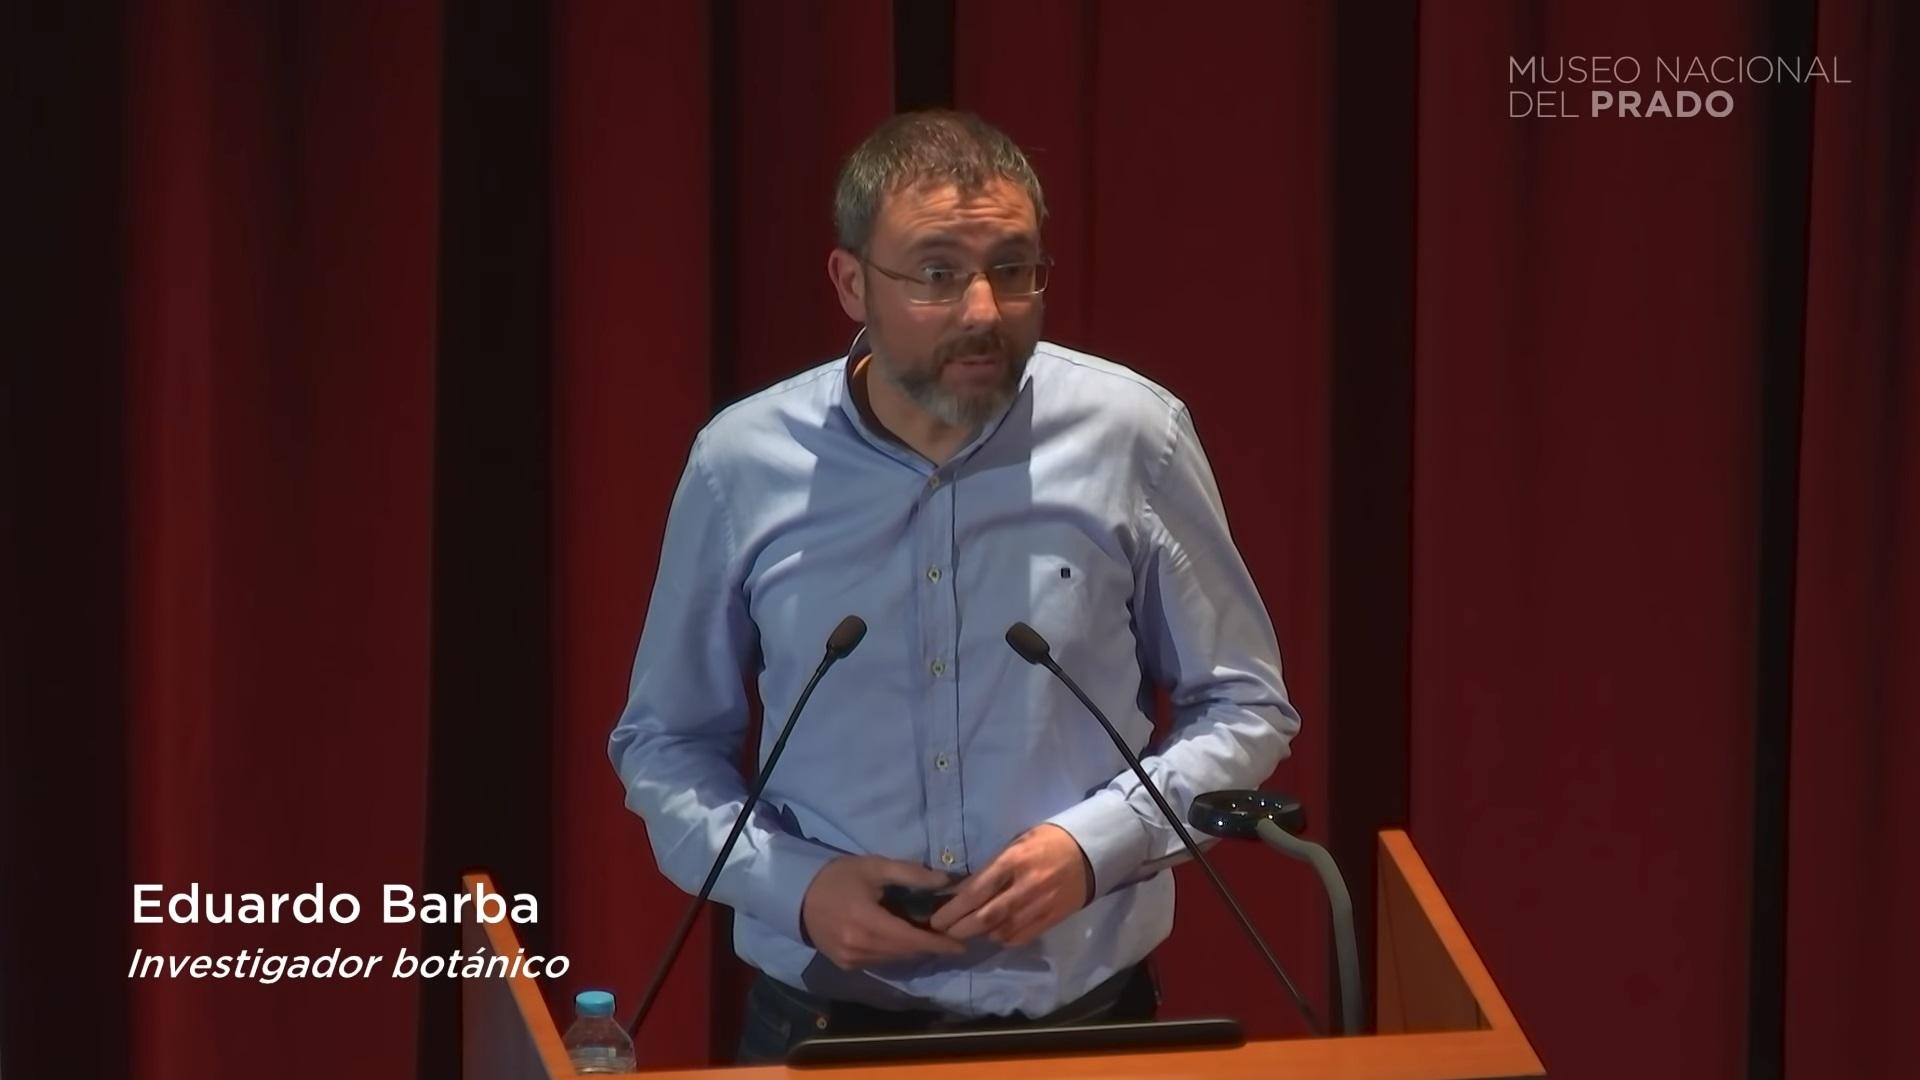 «La Fuente de la Gracia. Paseo por un prado florido» Conferencia del Investigador Botánico Eduardo Barba.